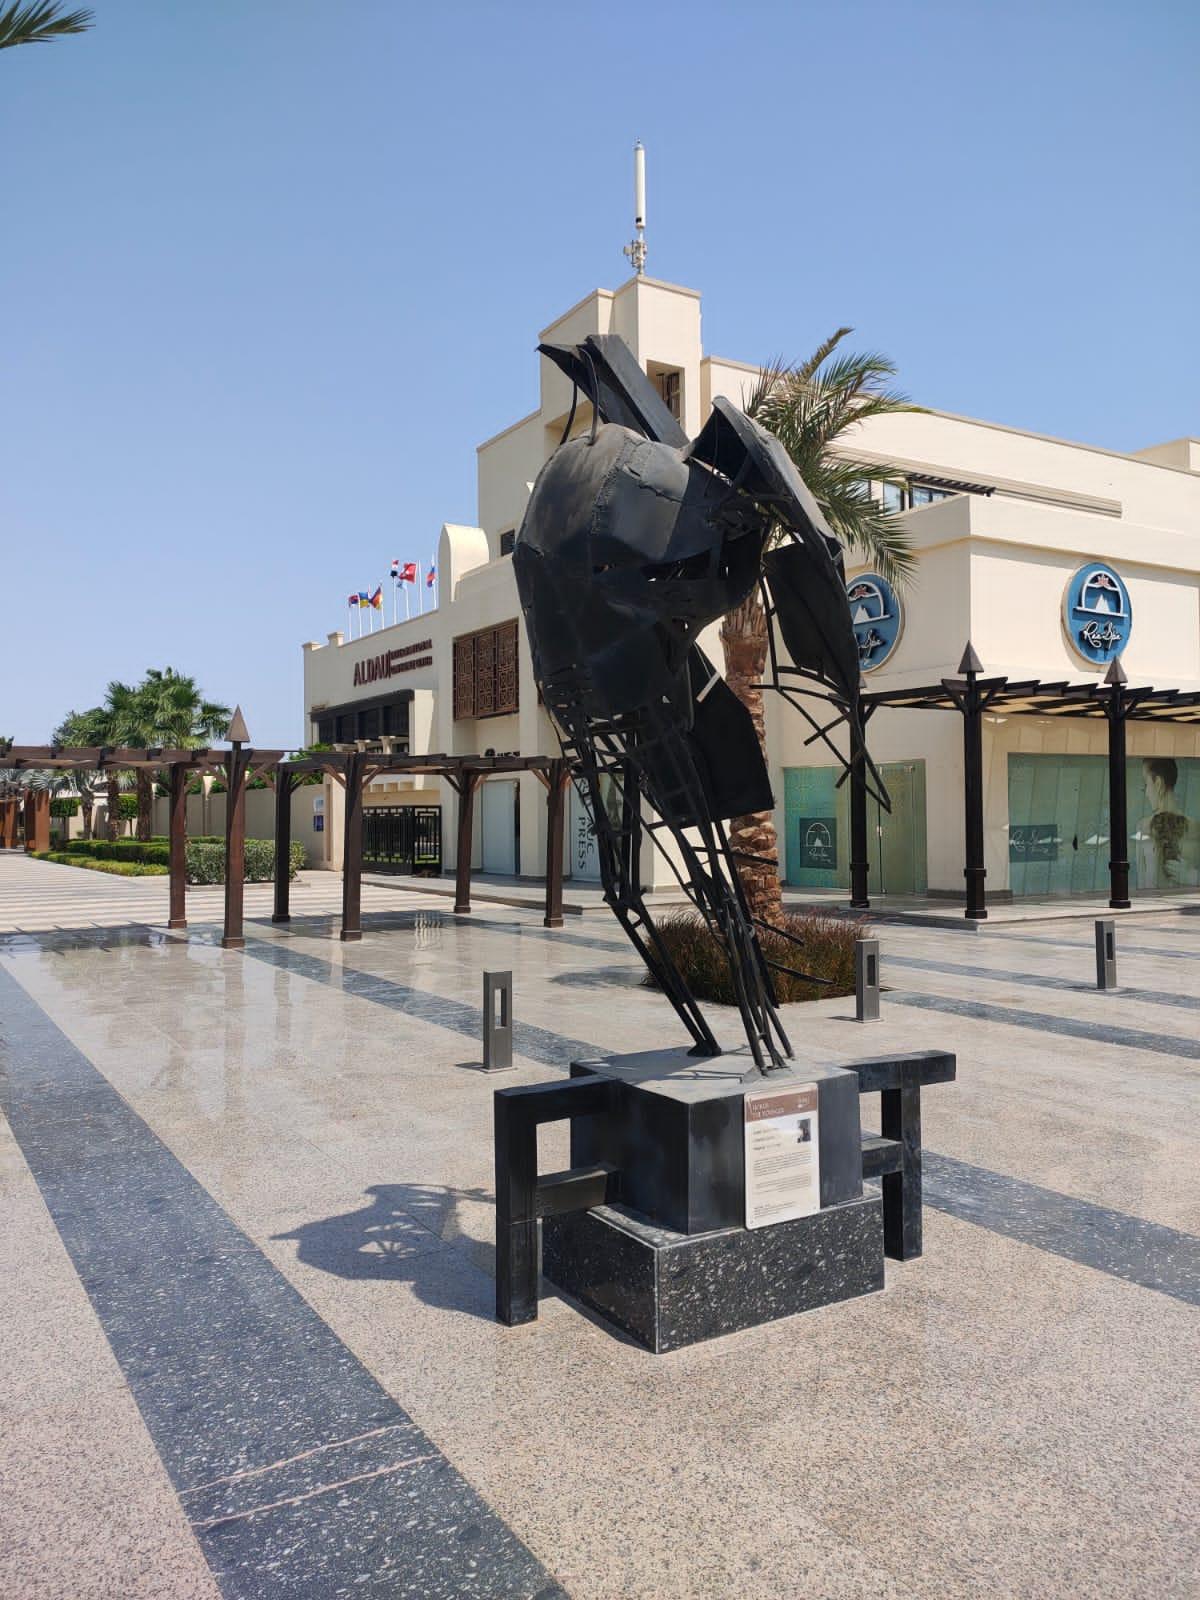 كرنفال الداو الدولي للسياحة والفنون بمنطقة الممشى السياحي بالغردقة